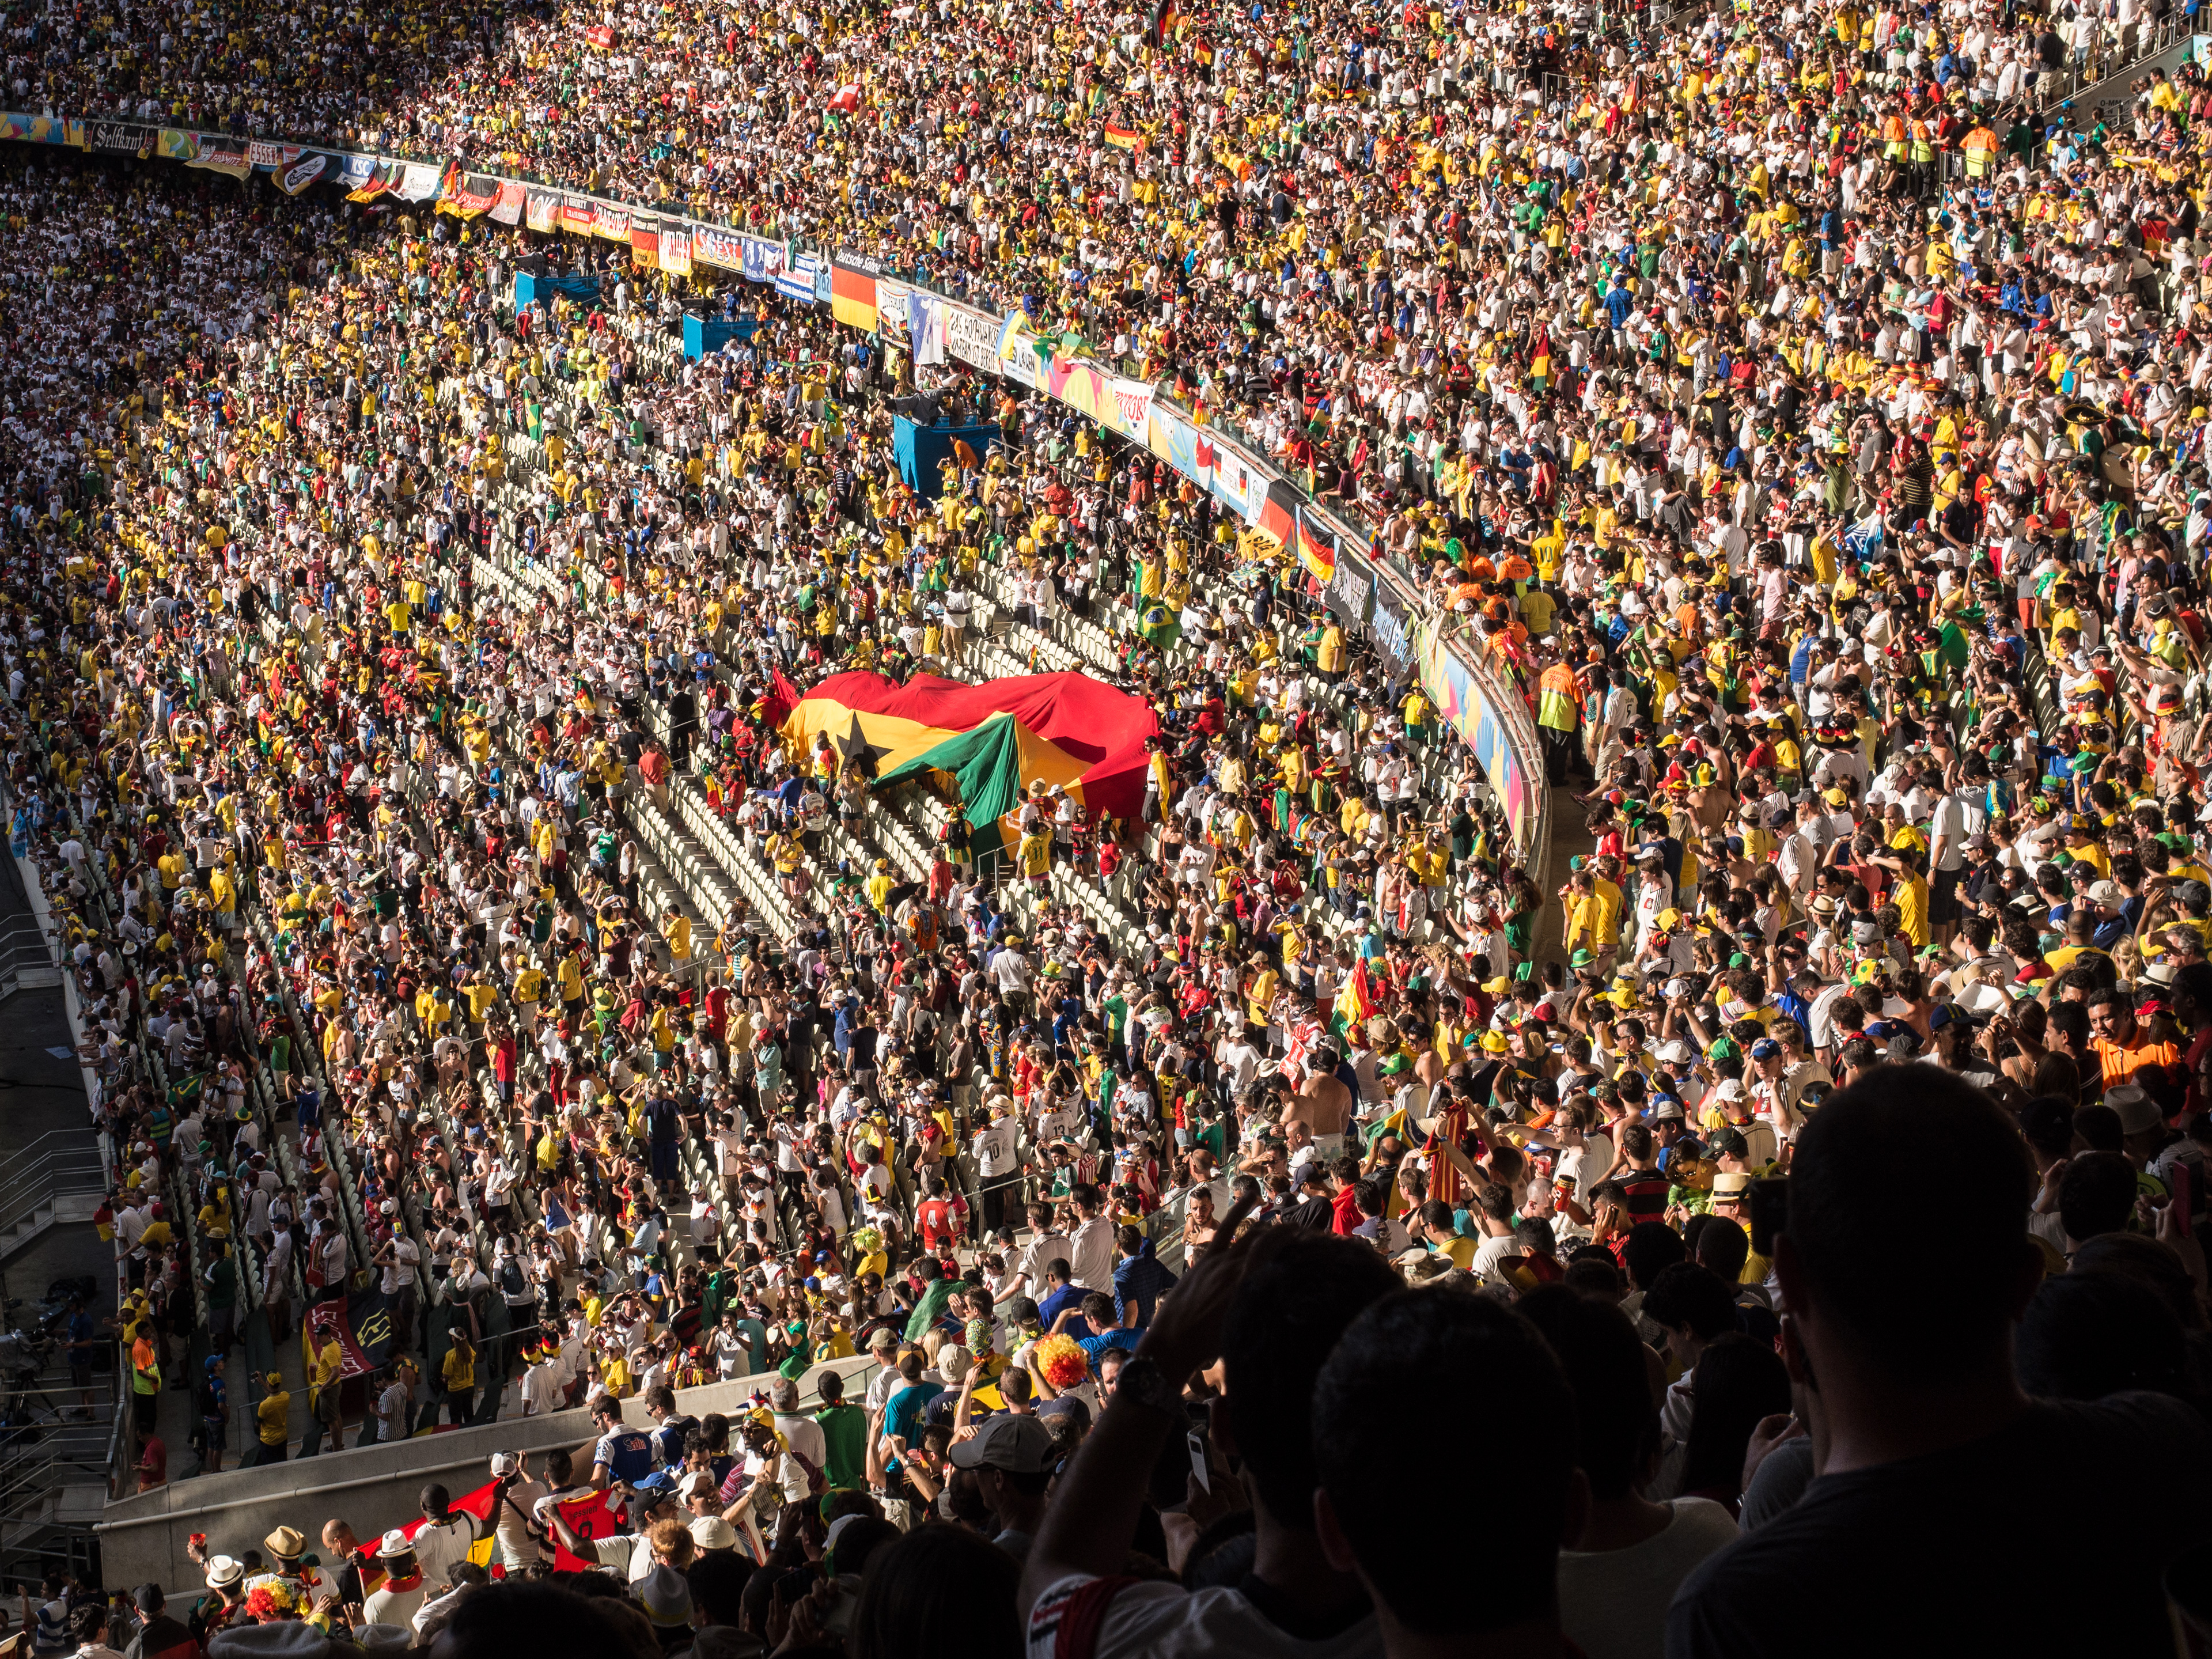 bresil-mondial-football-2014-05